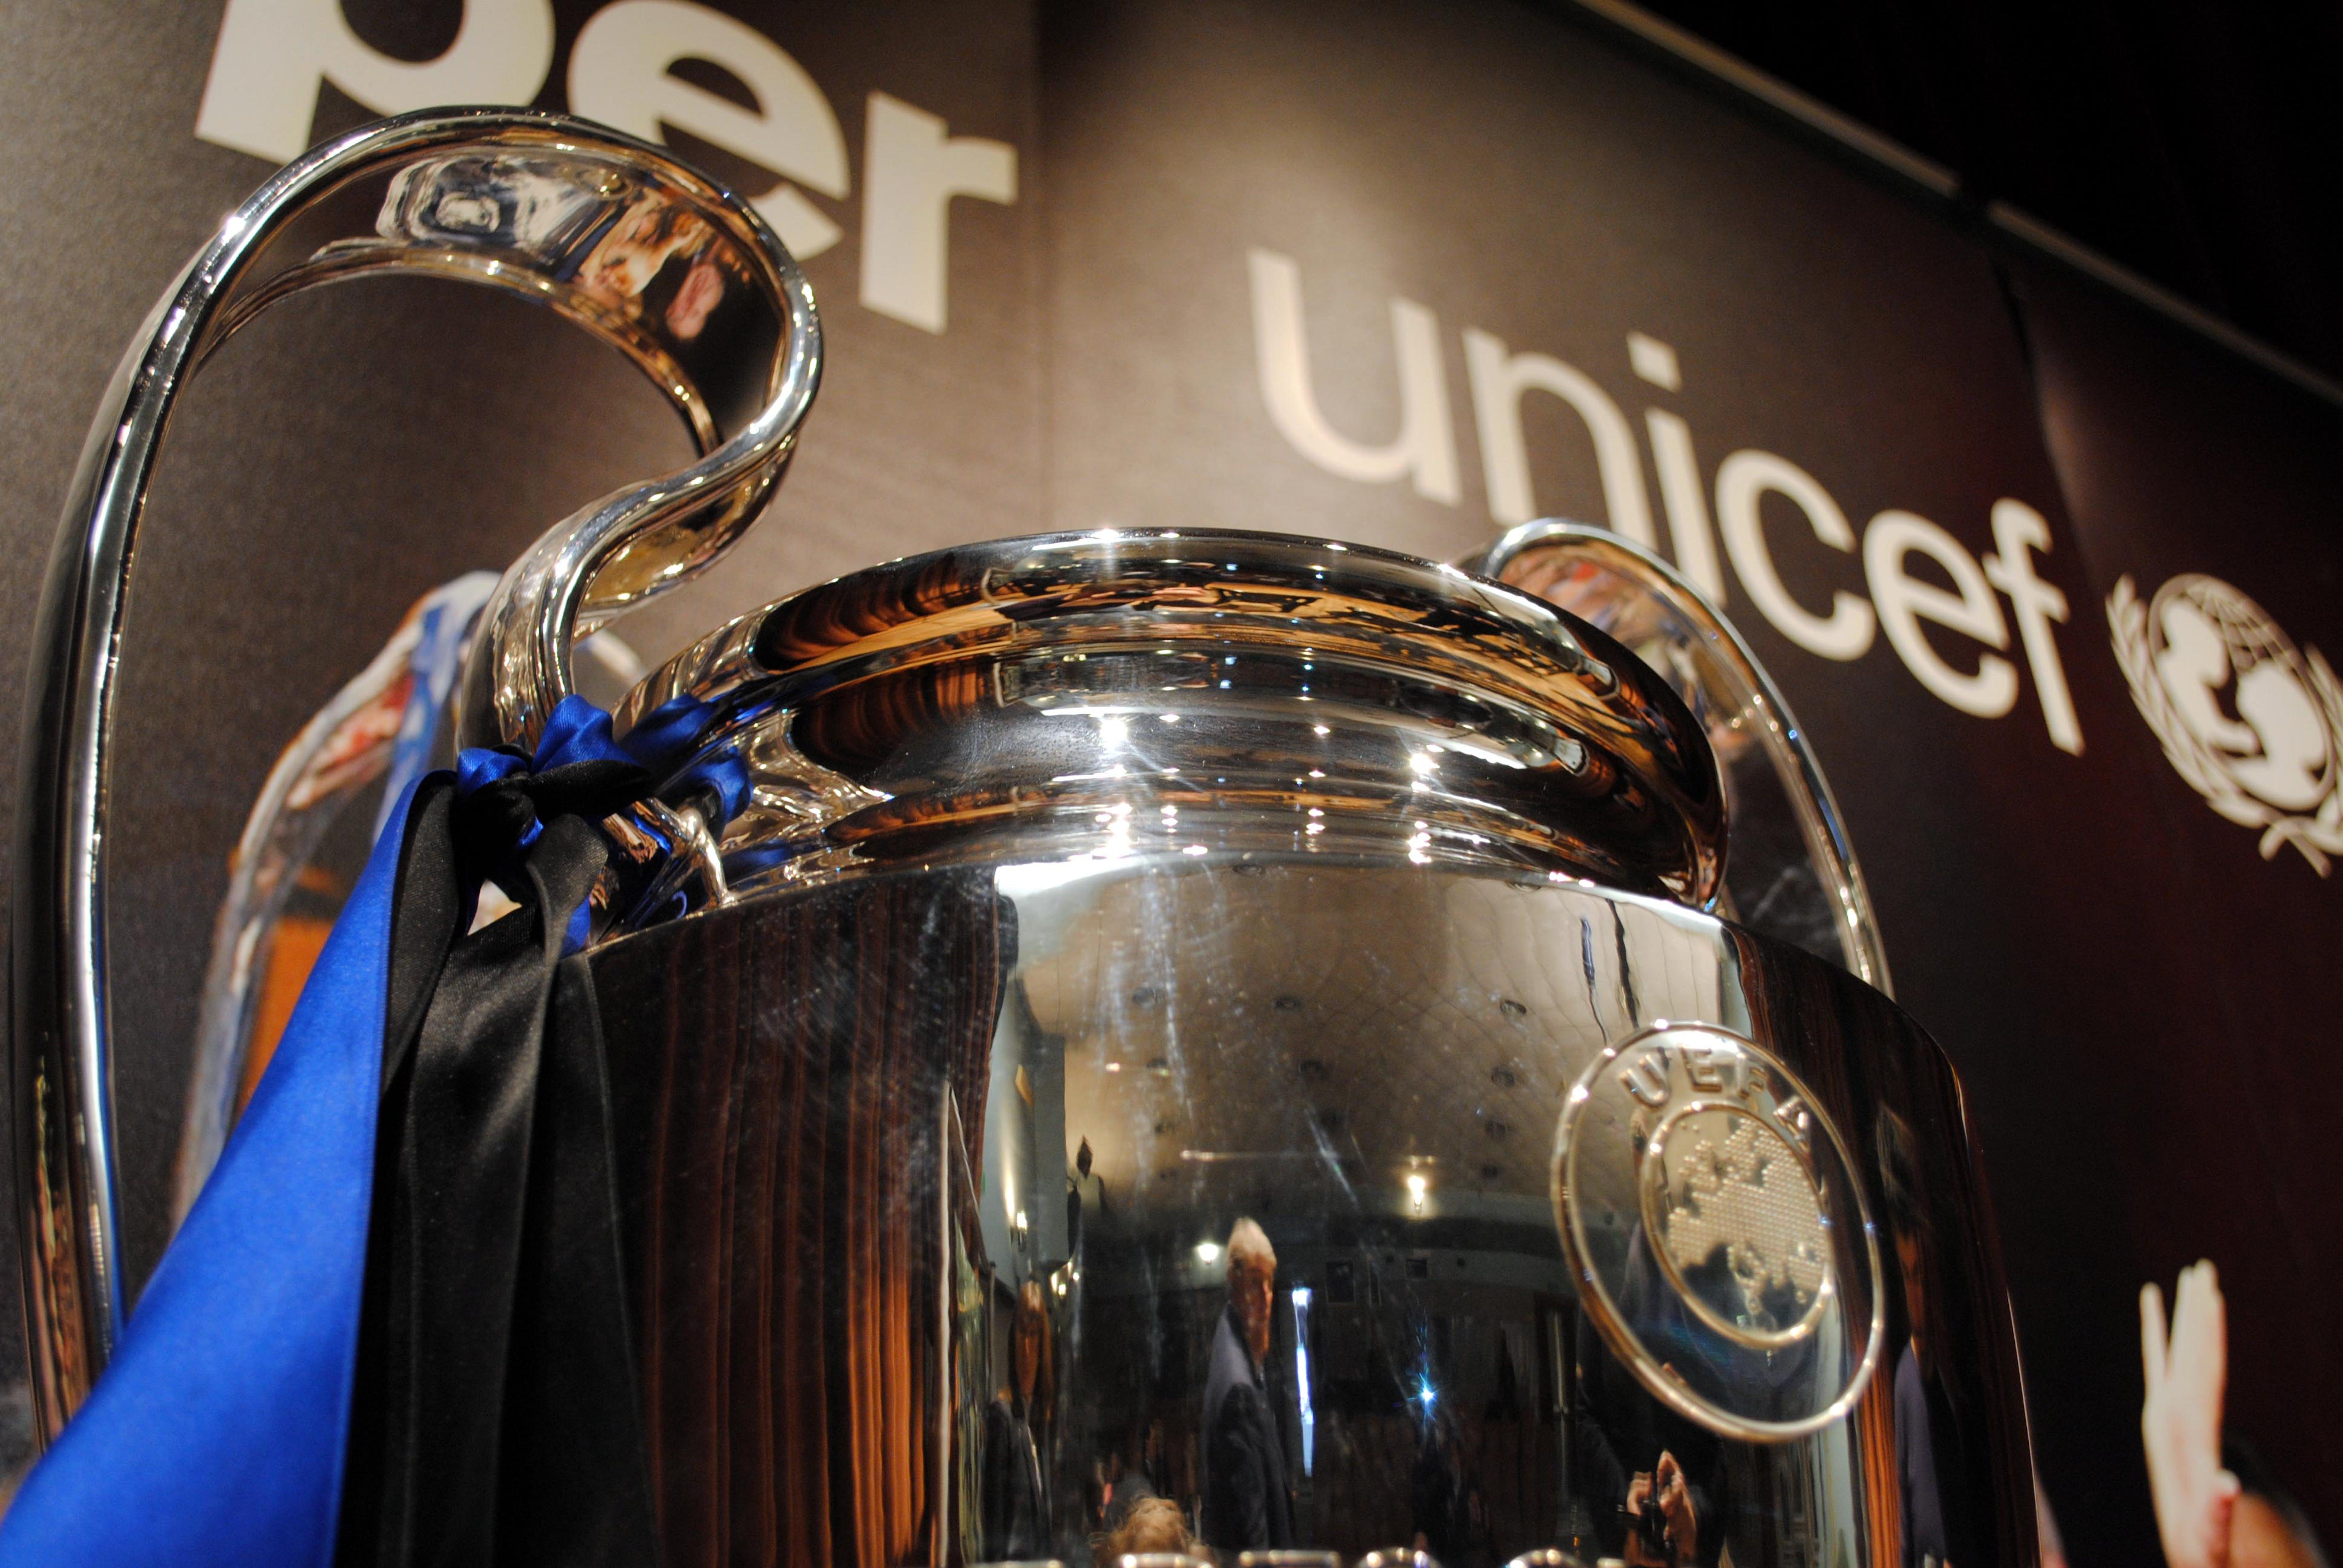 La Champions Cup conquistata dall'Inter nel 2010, protagonista di un tour italiano che ha portato all'UNICEF decine di migliaia di euro di donazioni